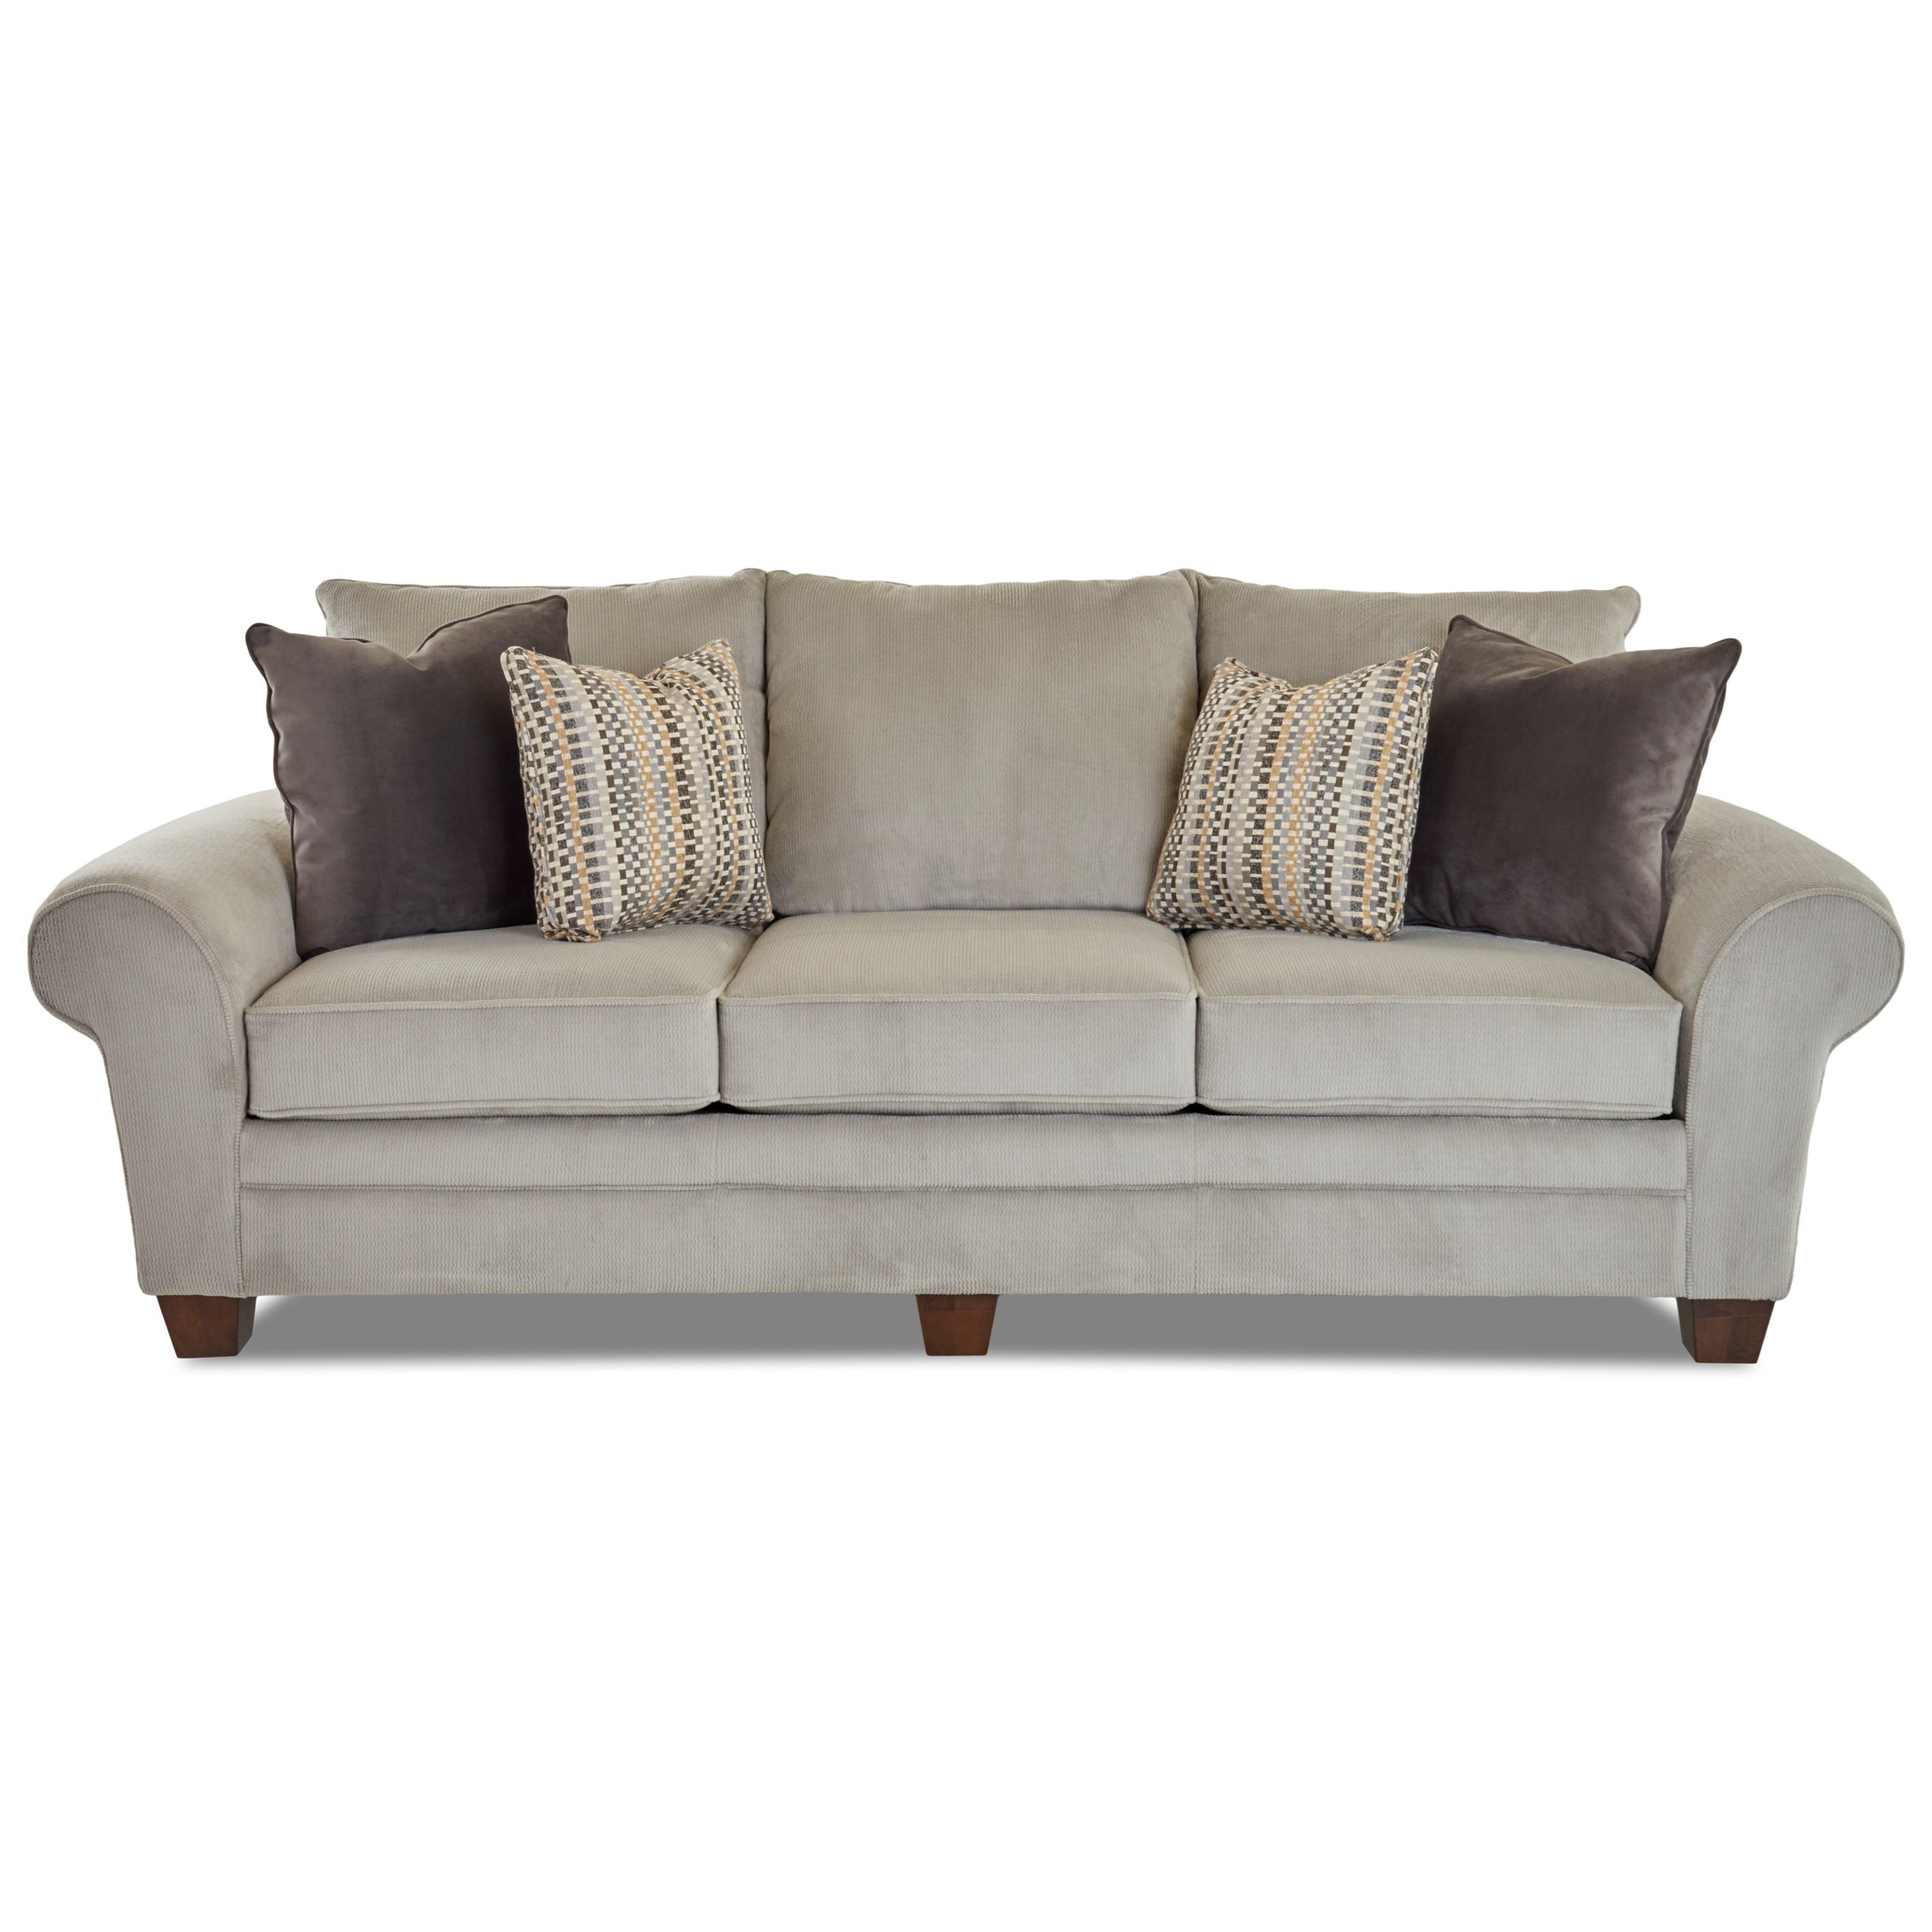 Contemporary Stationary Sofa